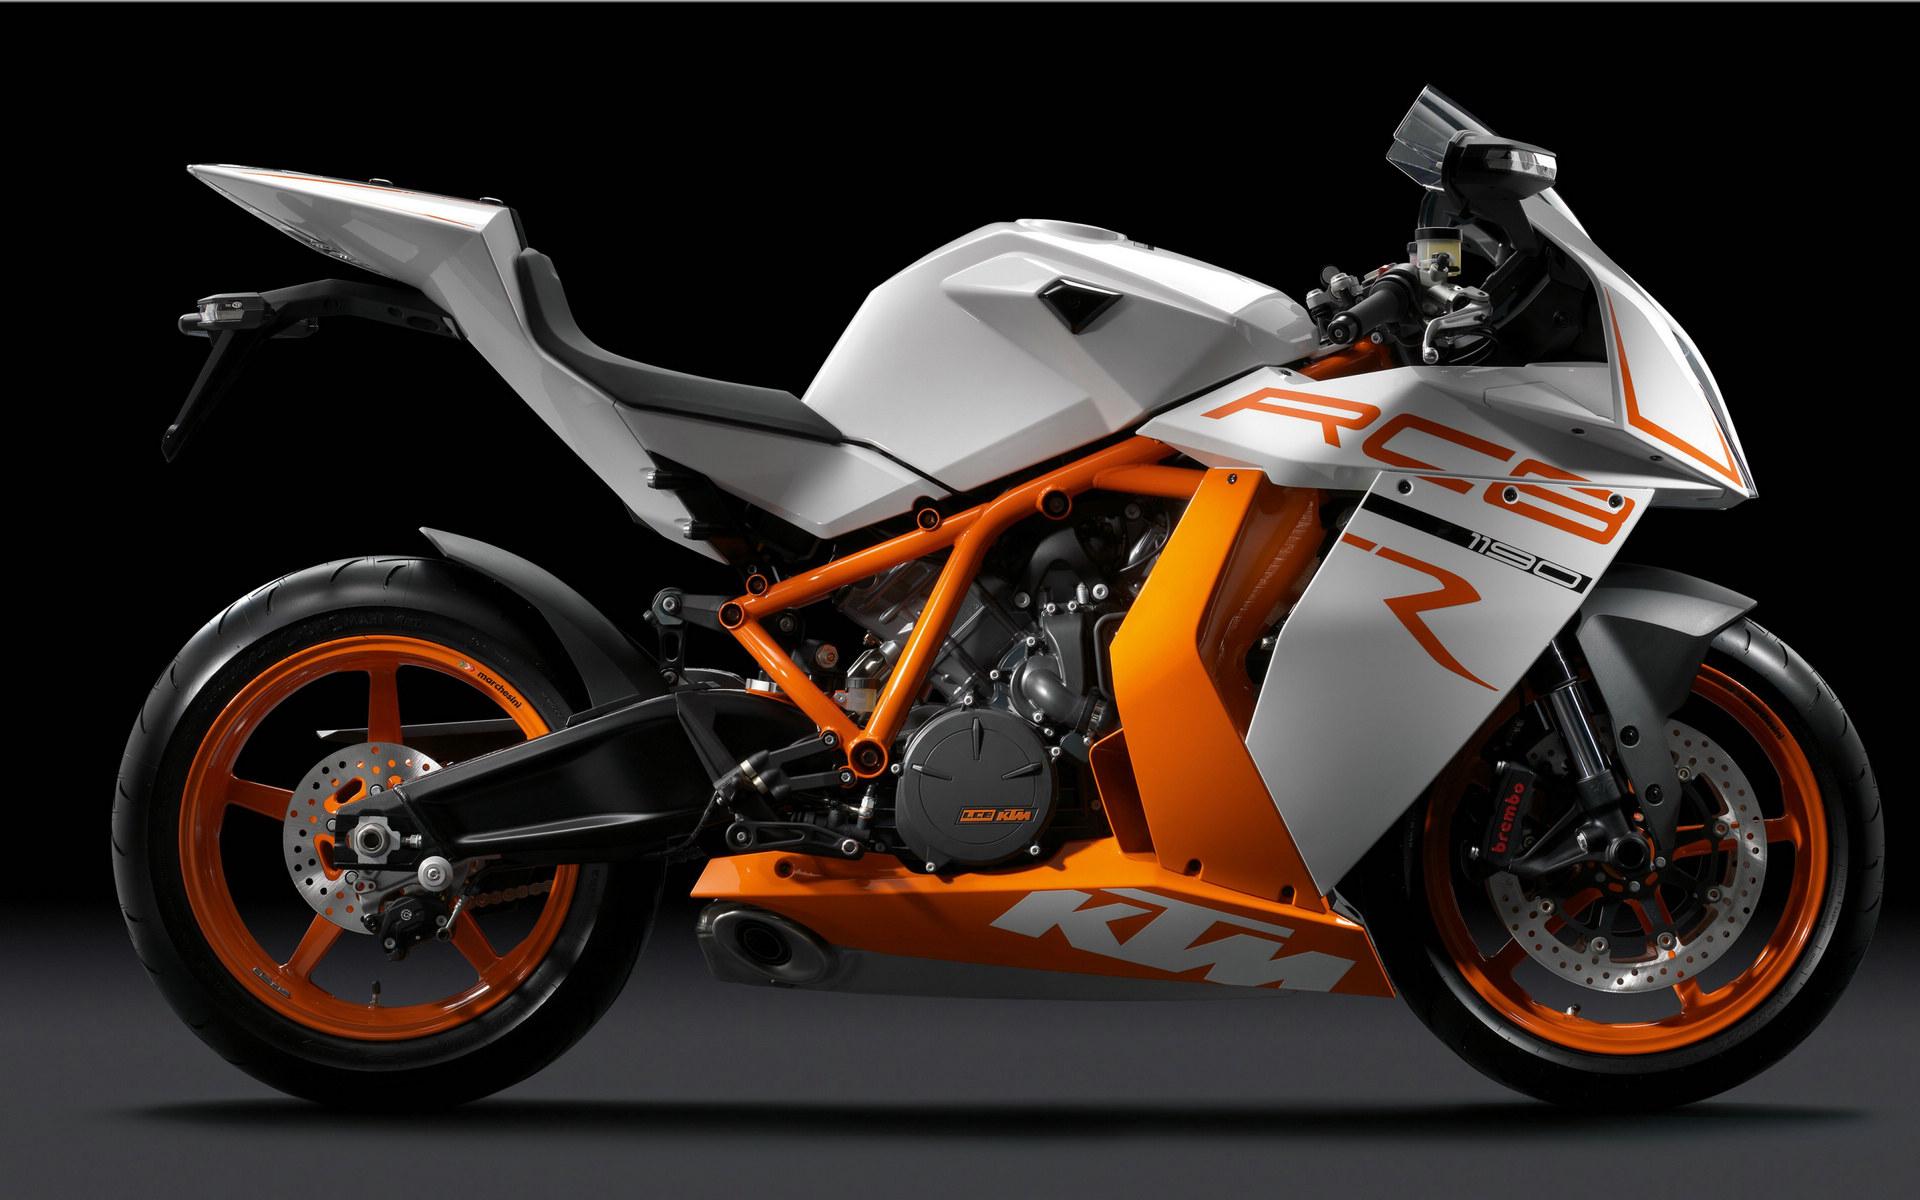 速降车电脑壁纸-RC8R摩托车桌面壁纸